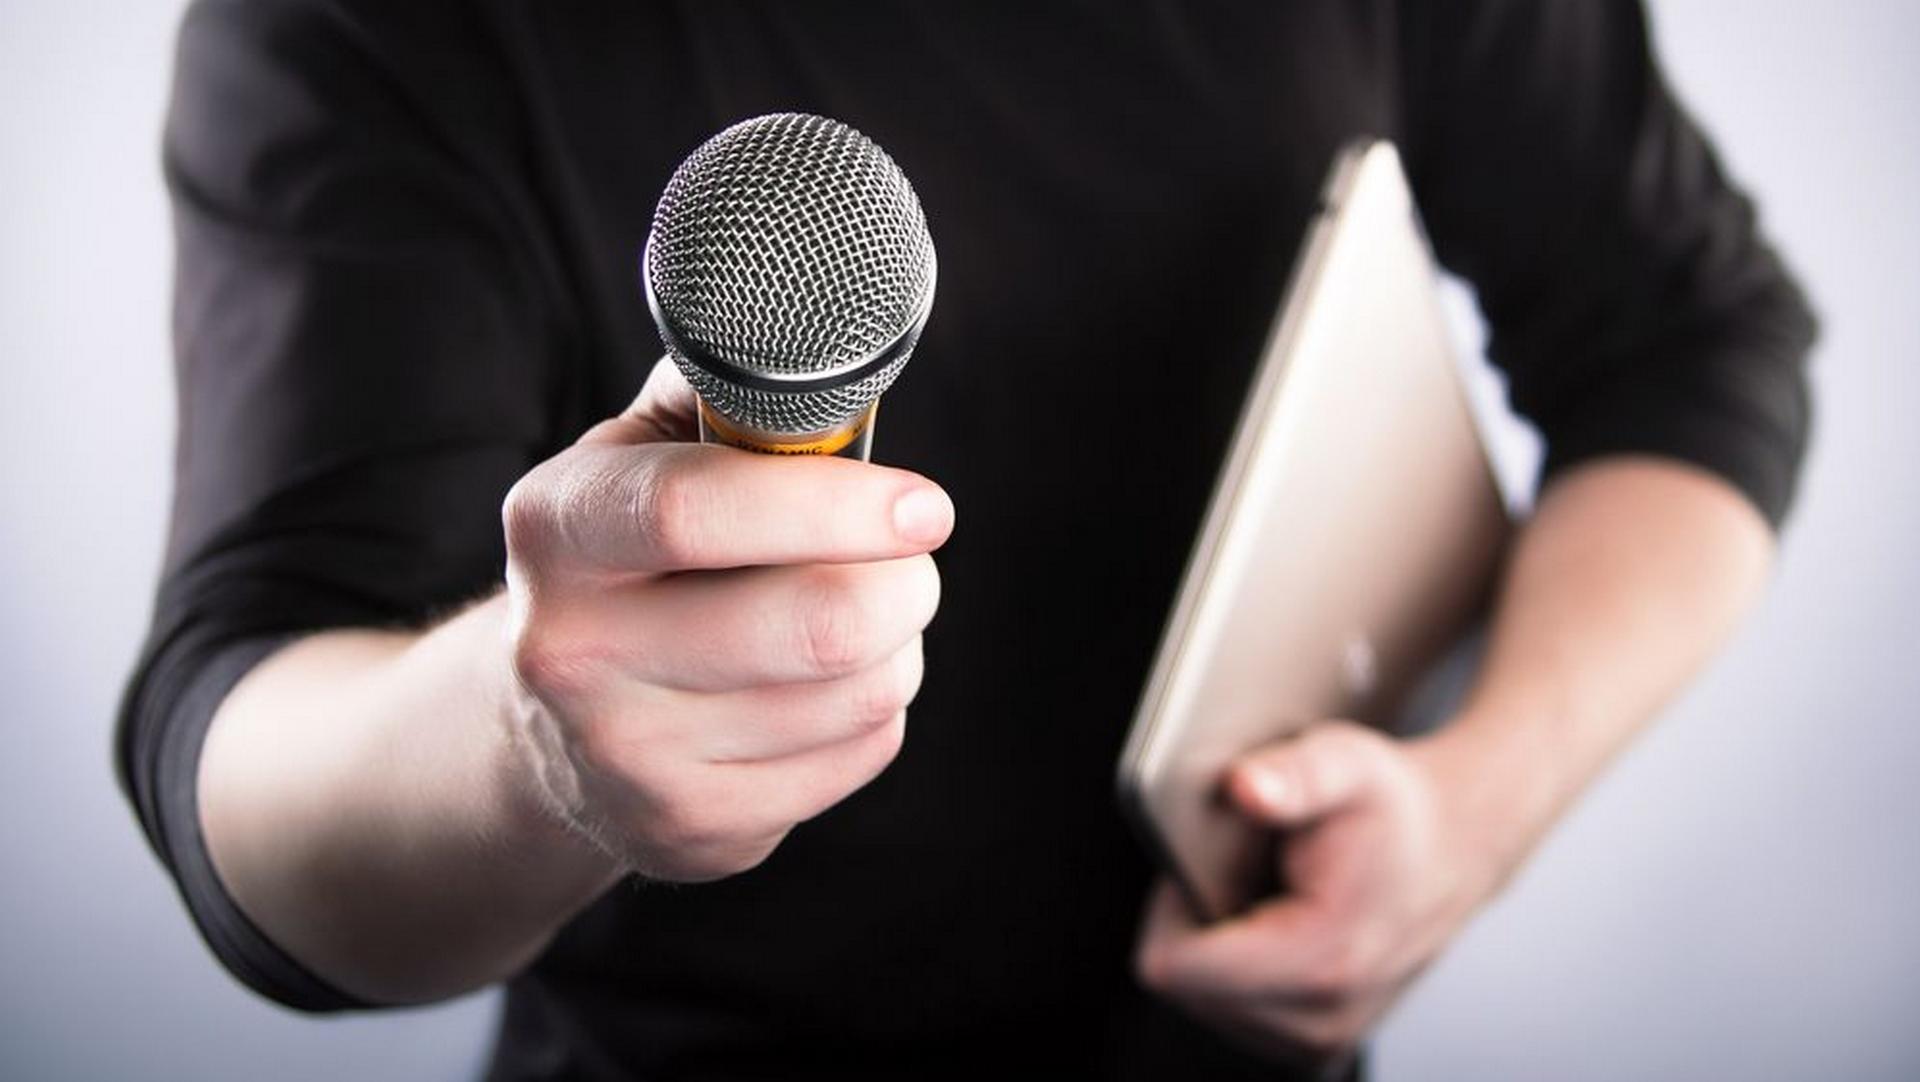 La Secrétaire Générale du Conseil de l'Europe appelle les gouvernements à protéger le rôle essentiel des journalistes dans les démocraties, en particulier en temps de crise